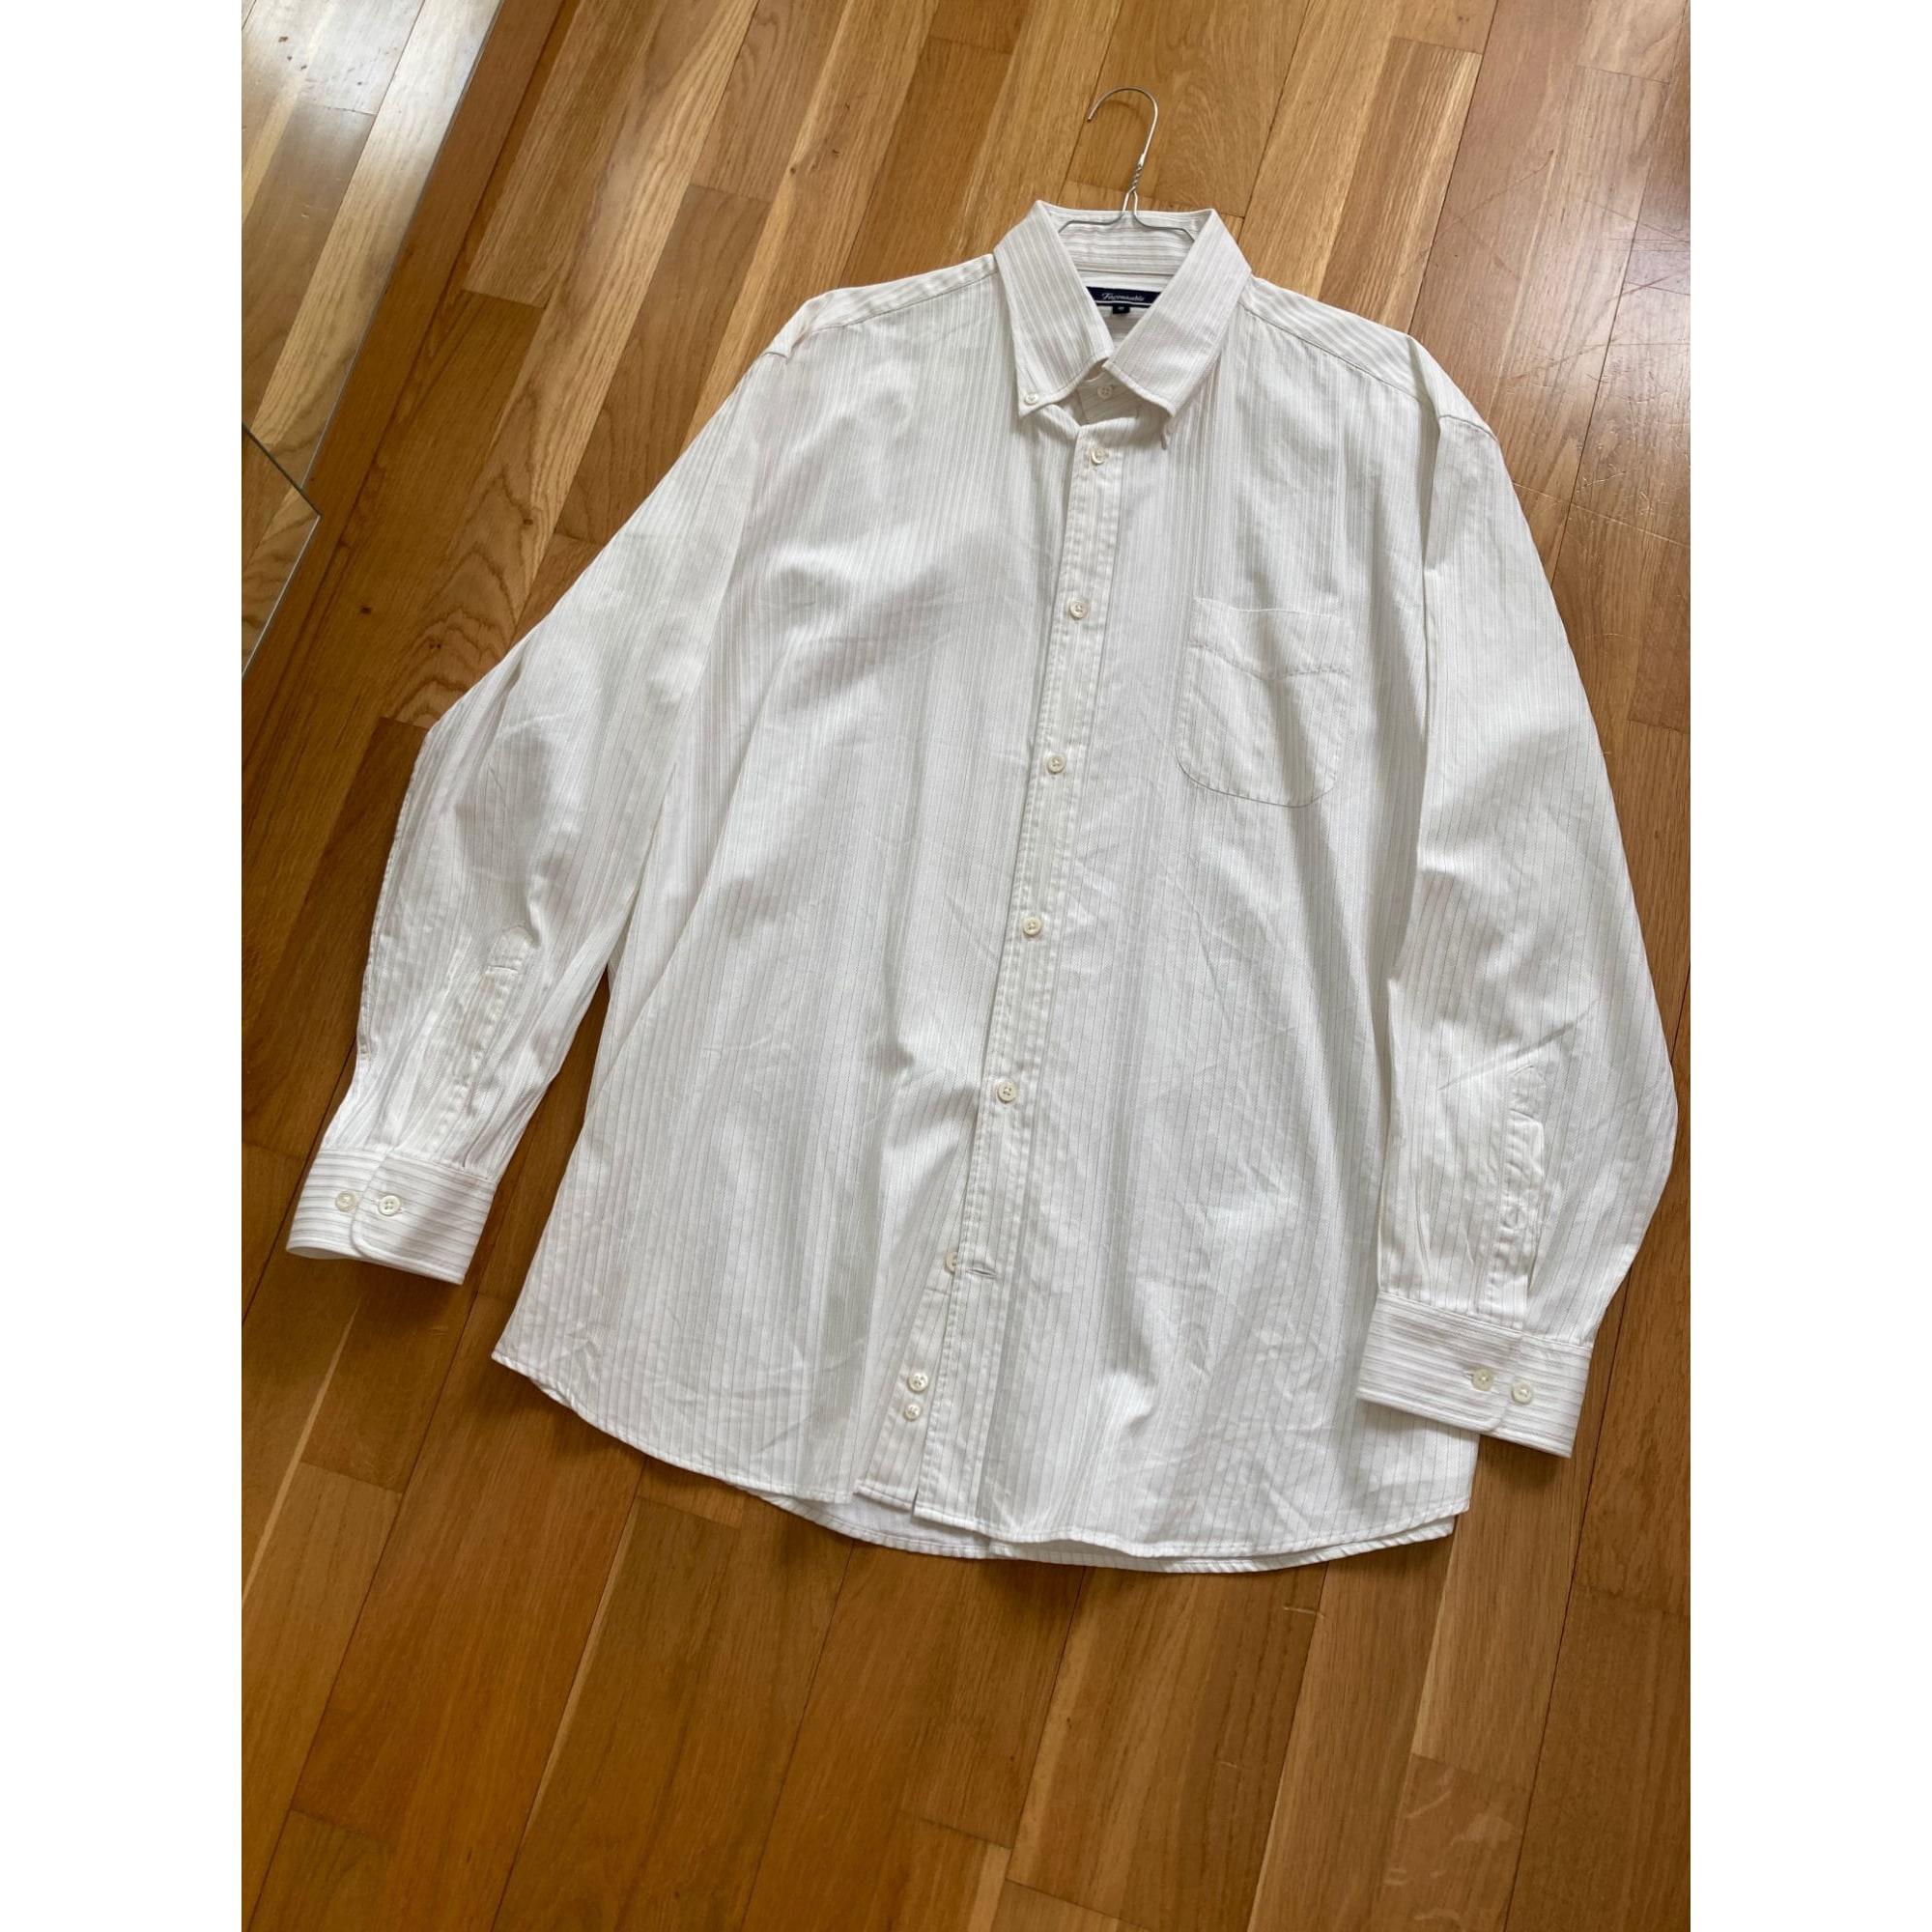 Chemise FAÇONNABLE Blanc, blanc cassé, écru